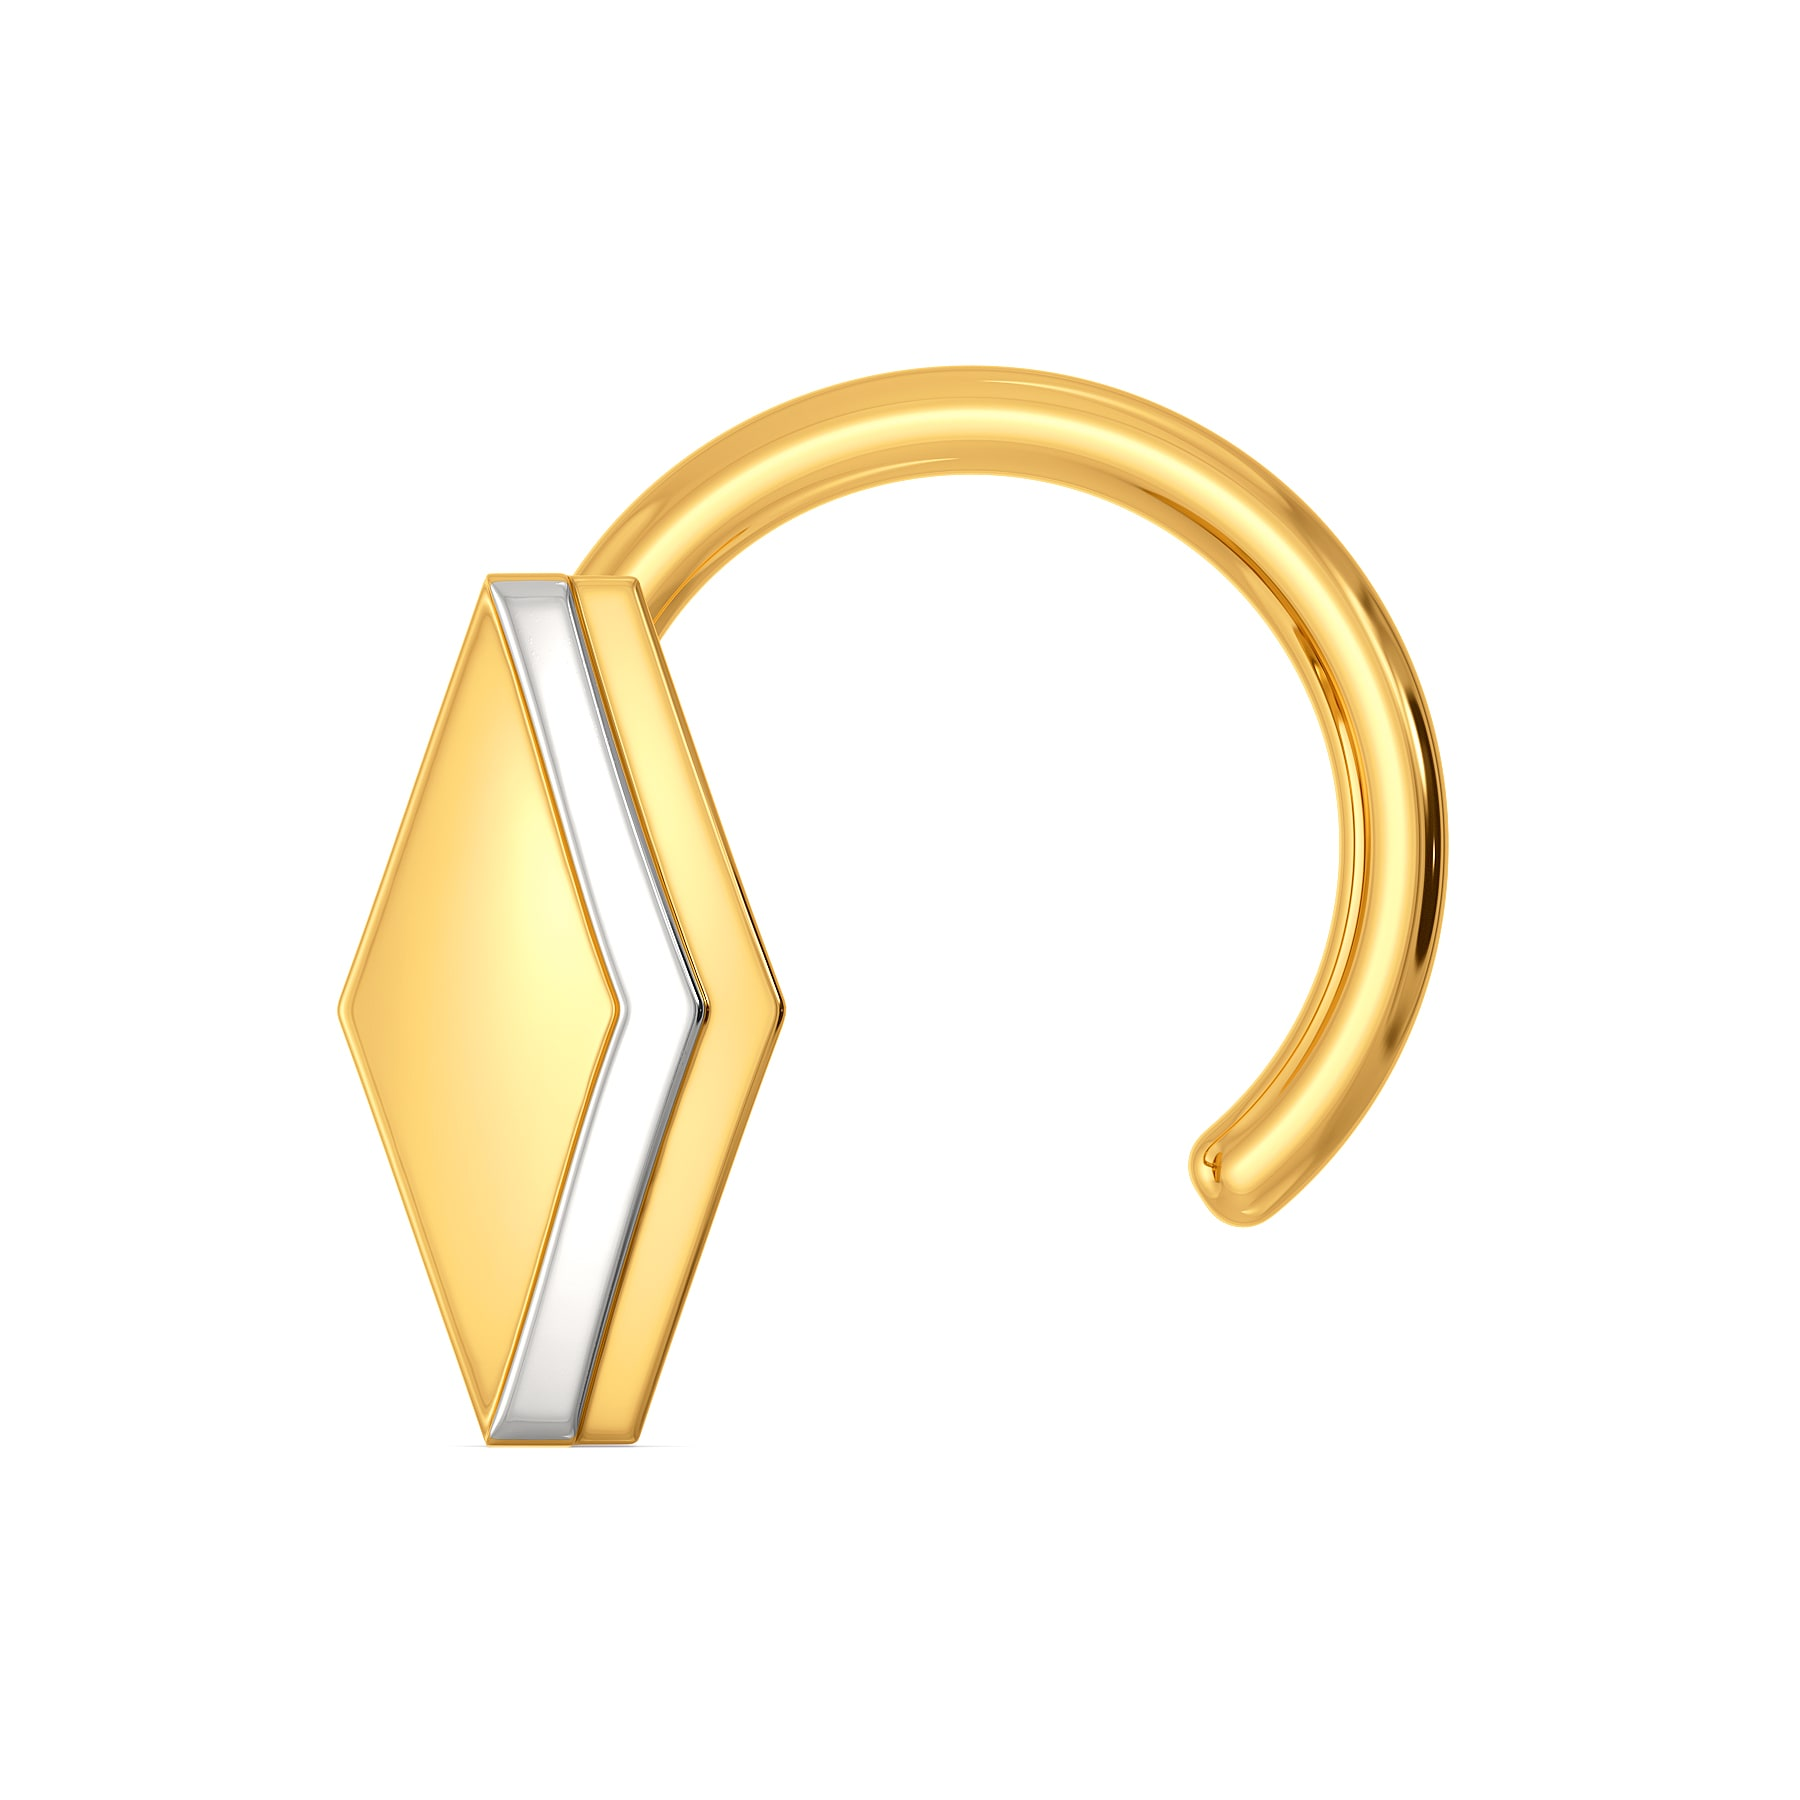 Hello Hexa Gold Nose Pins